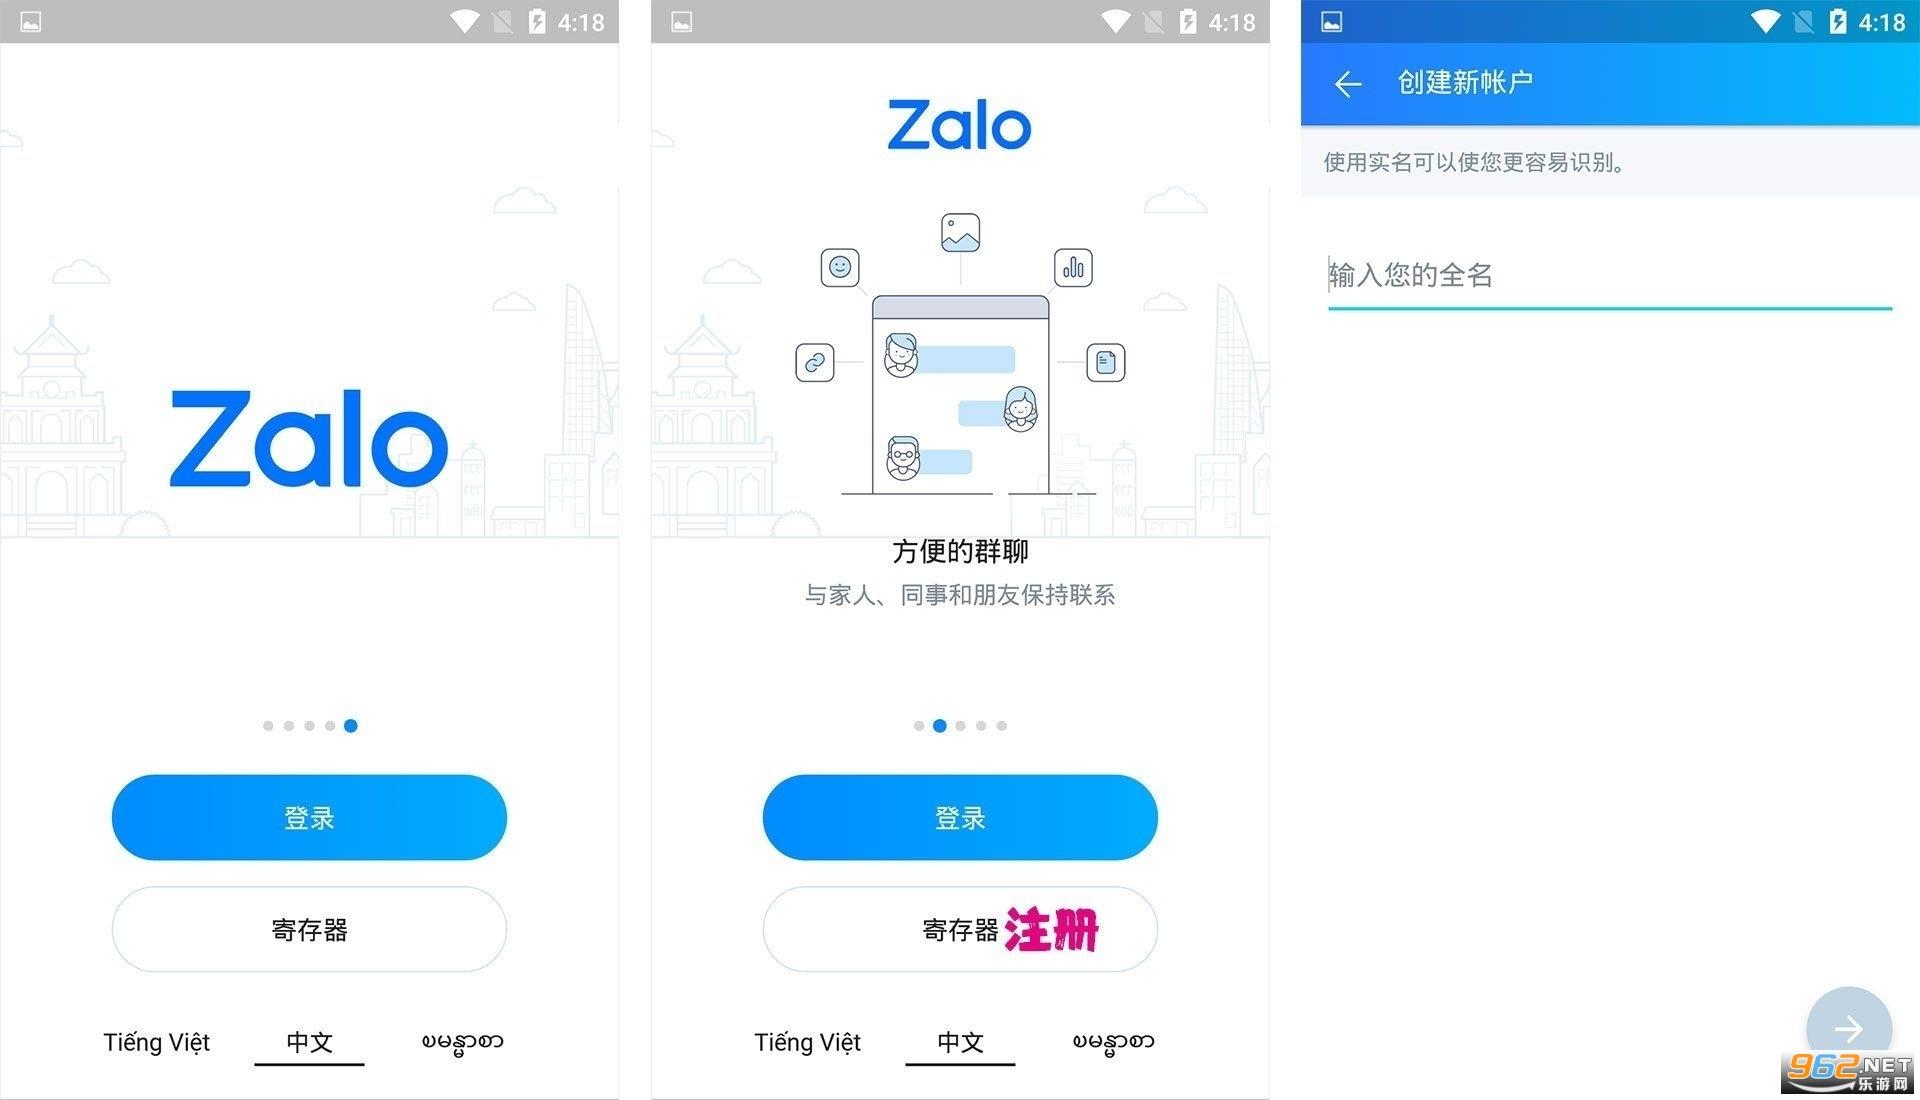 越南聊天软件zalo中文版2021截图0